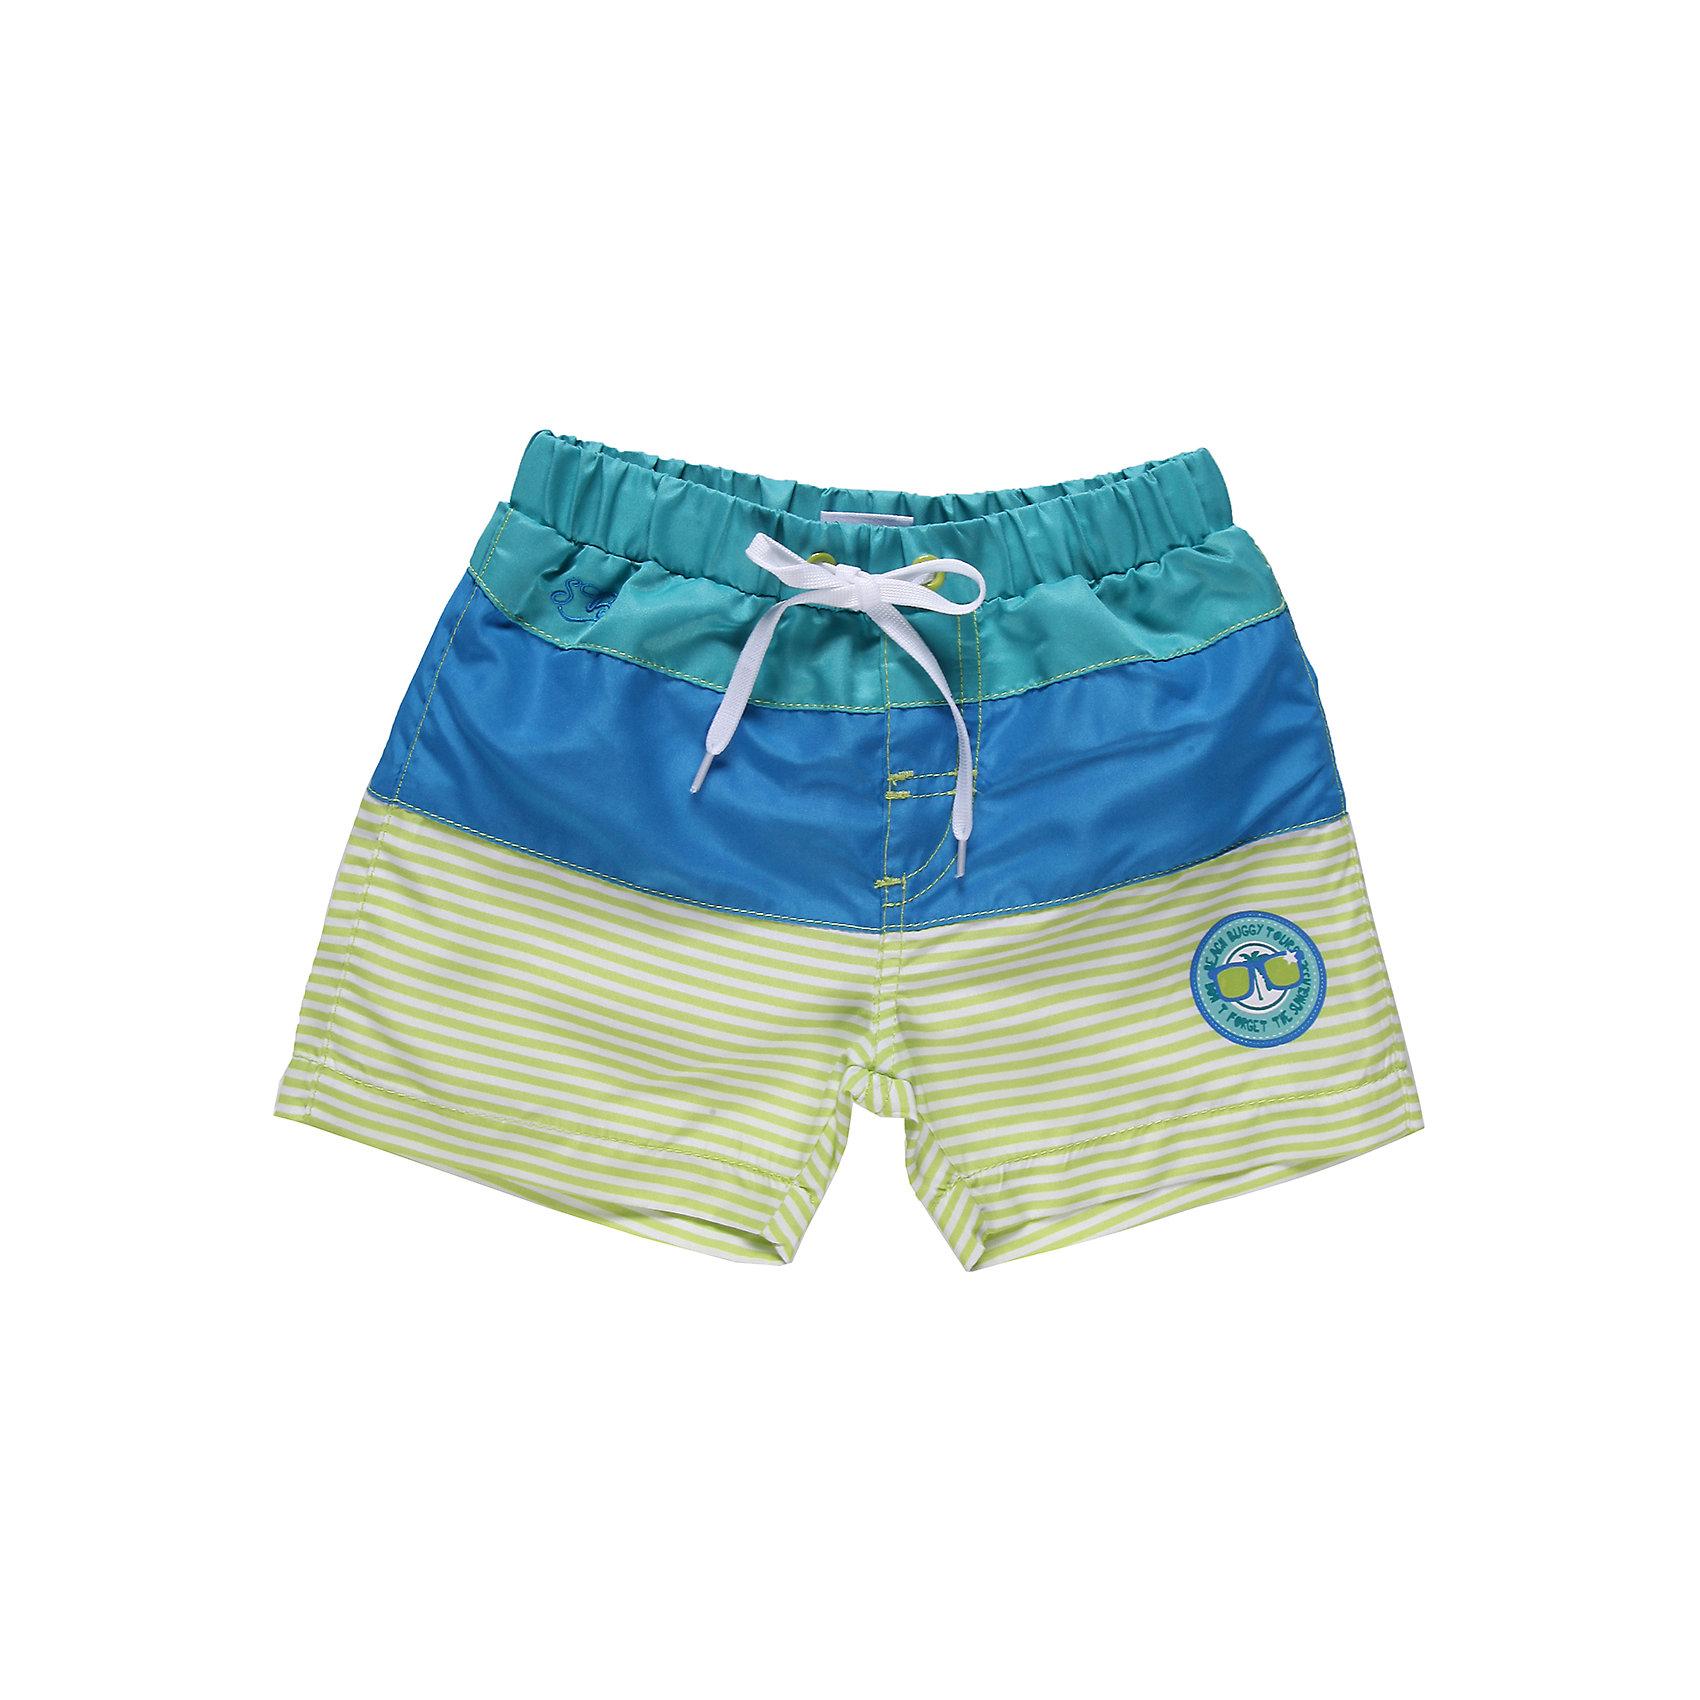 Шорты купальные для мальчика Sweet BerryКупальники и плавки<br>Пляжные шорты с контрастными вставками. Эластичный пояс на резинке, регулируется шнурком<br>Состав:<br>100% полиэстер<br><br>Ширина мм: 183<br>Глубина мм: 60<br>Высота мм: 135<br>Вес г: 119<br>Цвет: разноцветный<br>Возраст от месяцев: 9<br>Возраст до месяцев: 12<br>Пол: Мужской<br>Возраст: Детский<br>Размер: 80,86,92,98<br>SKU: 4522512